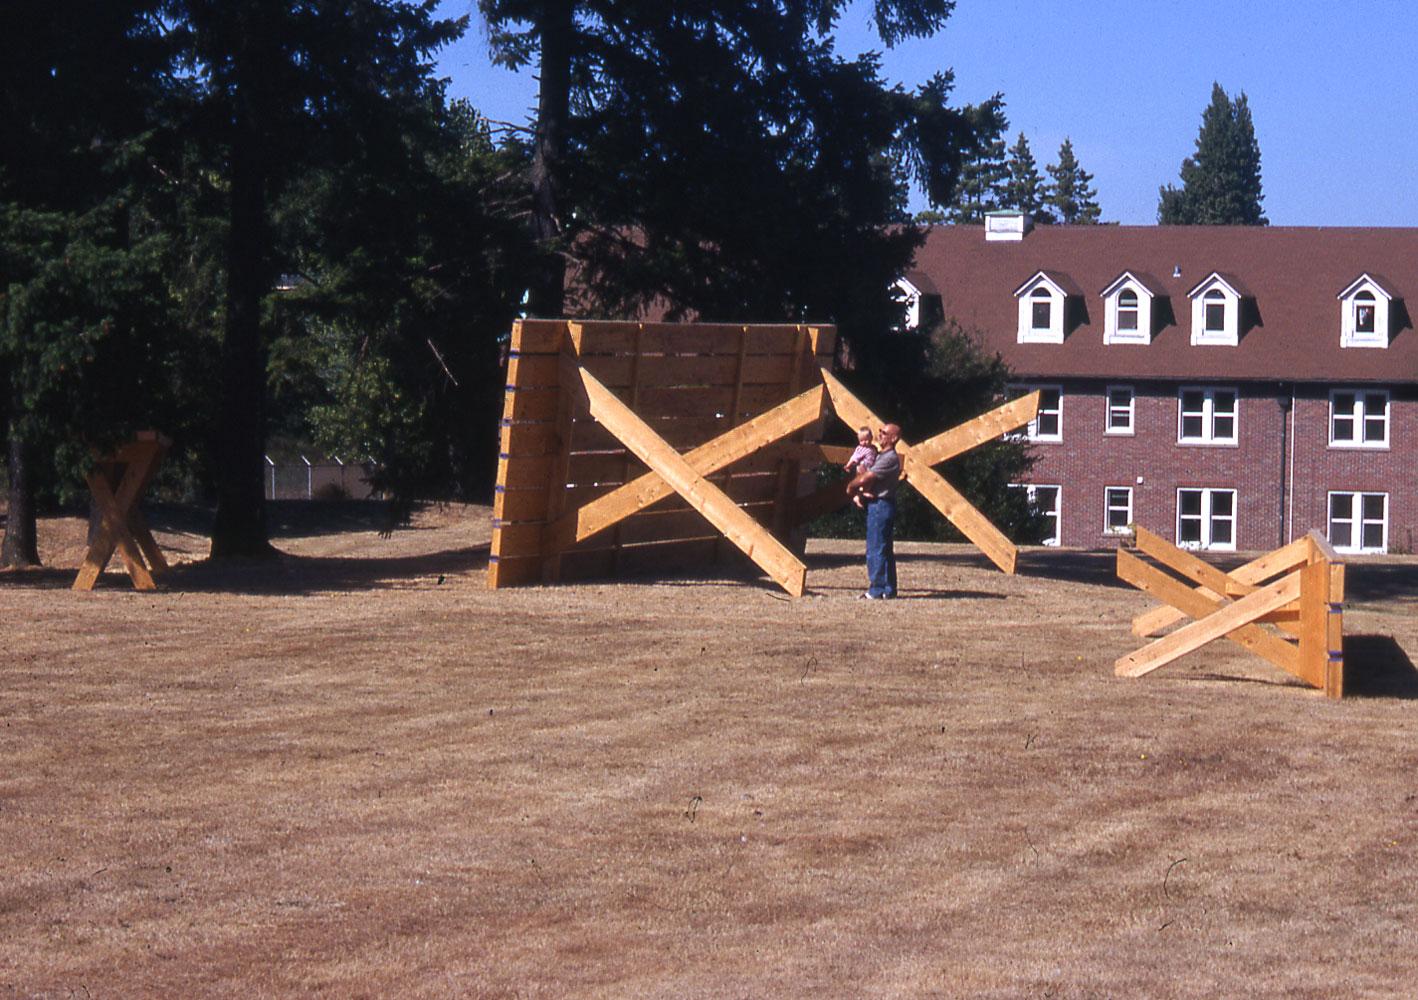 sculpture-wood-artist-tom-gormally-lifes-a-picnic.jpg